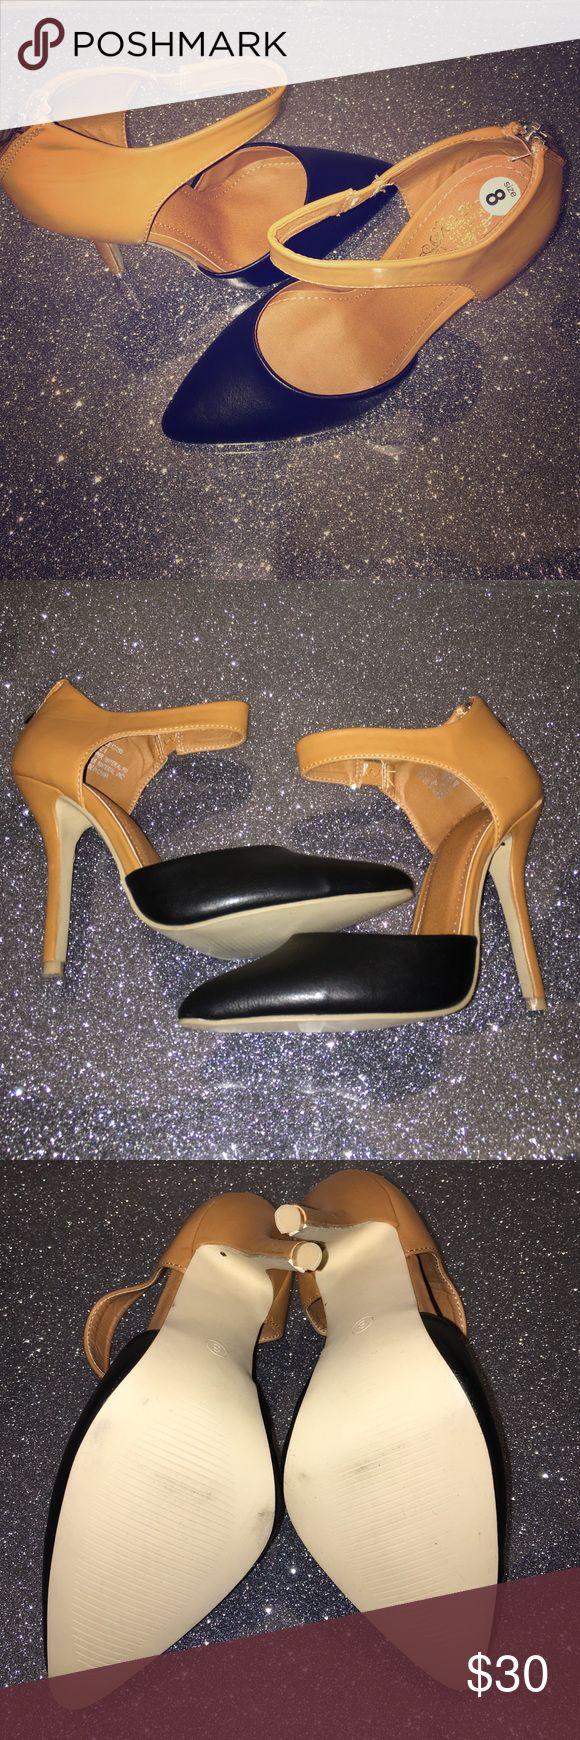 👠Beautiful two tone heel black/tan brown👠 Sleek and sophisticated! Zipper closure at heelPointed-toe silhouette. Heel Height: 3 in charles albert Shoes Heels